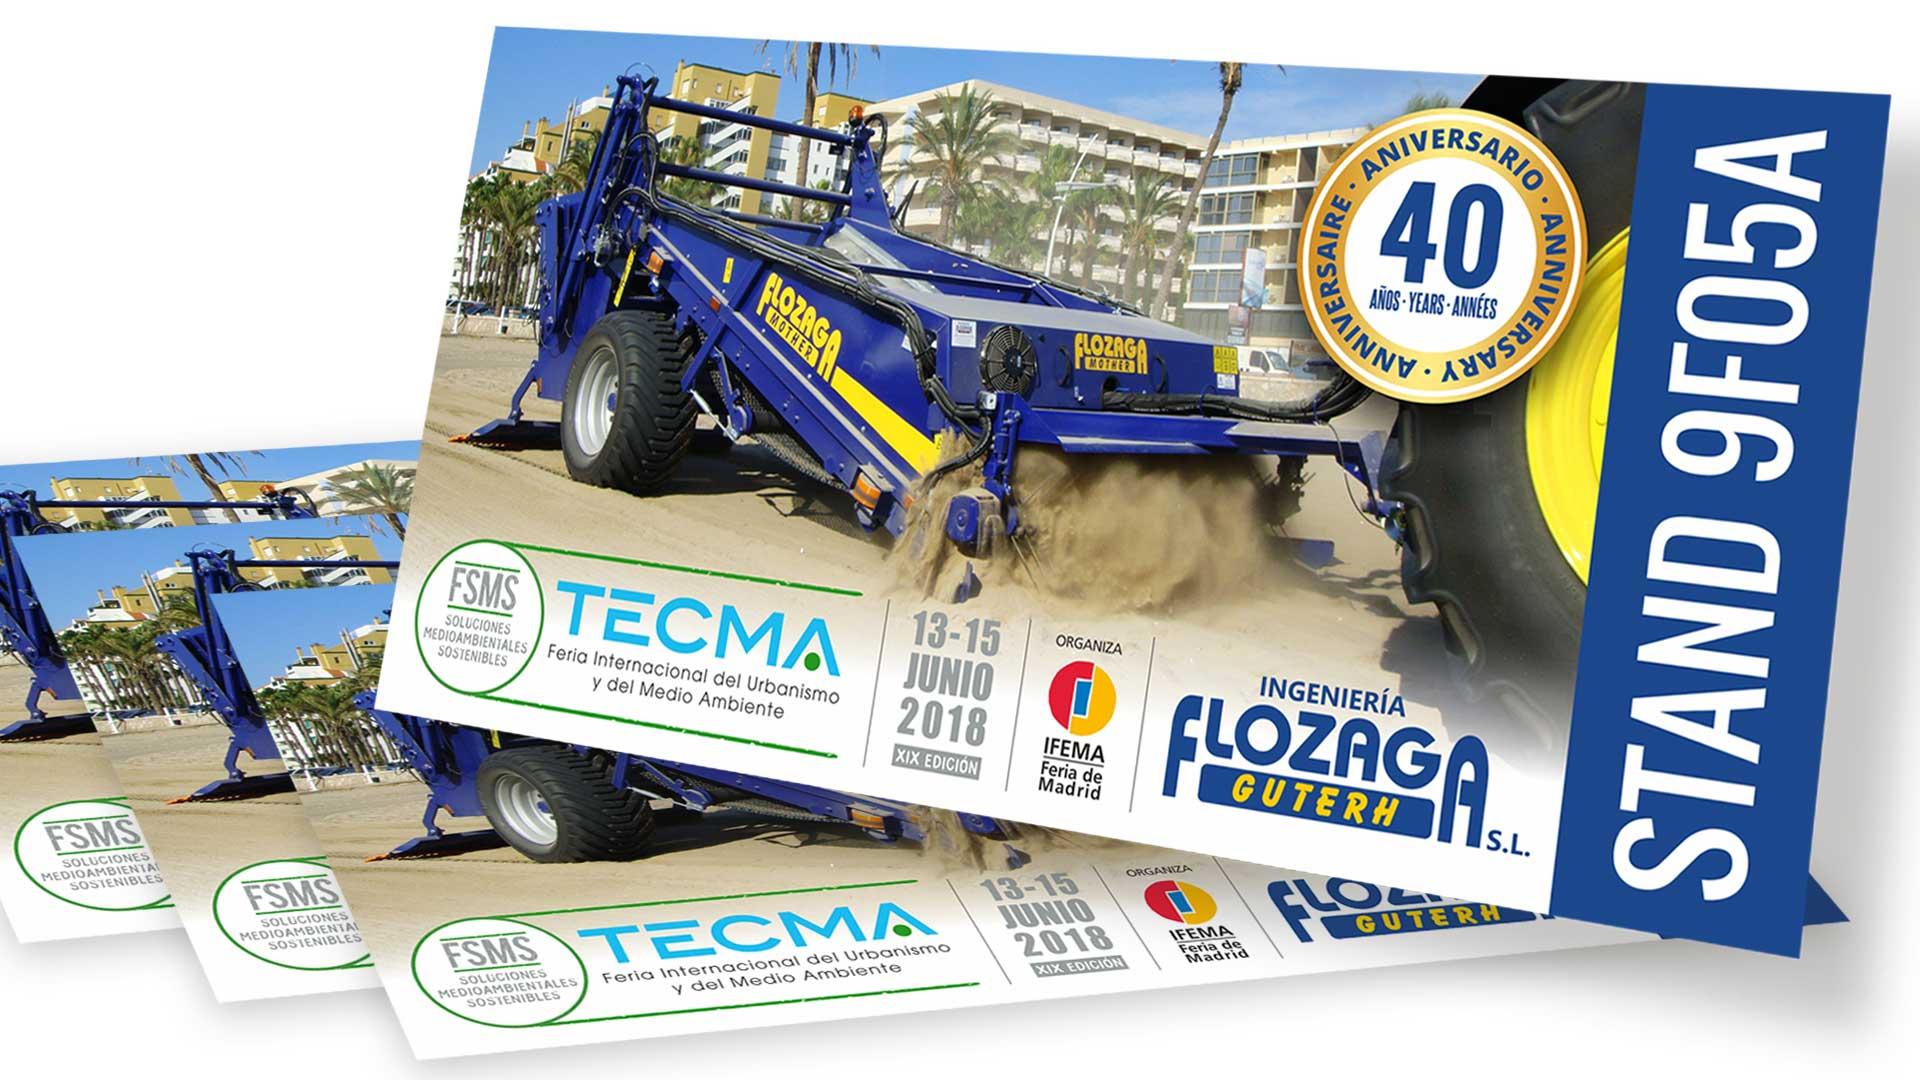 FLOZAGA GUTERH - Invitación TECMA 2018